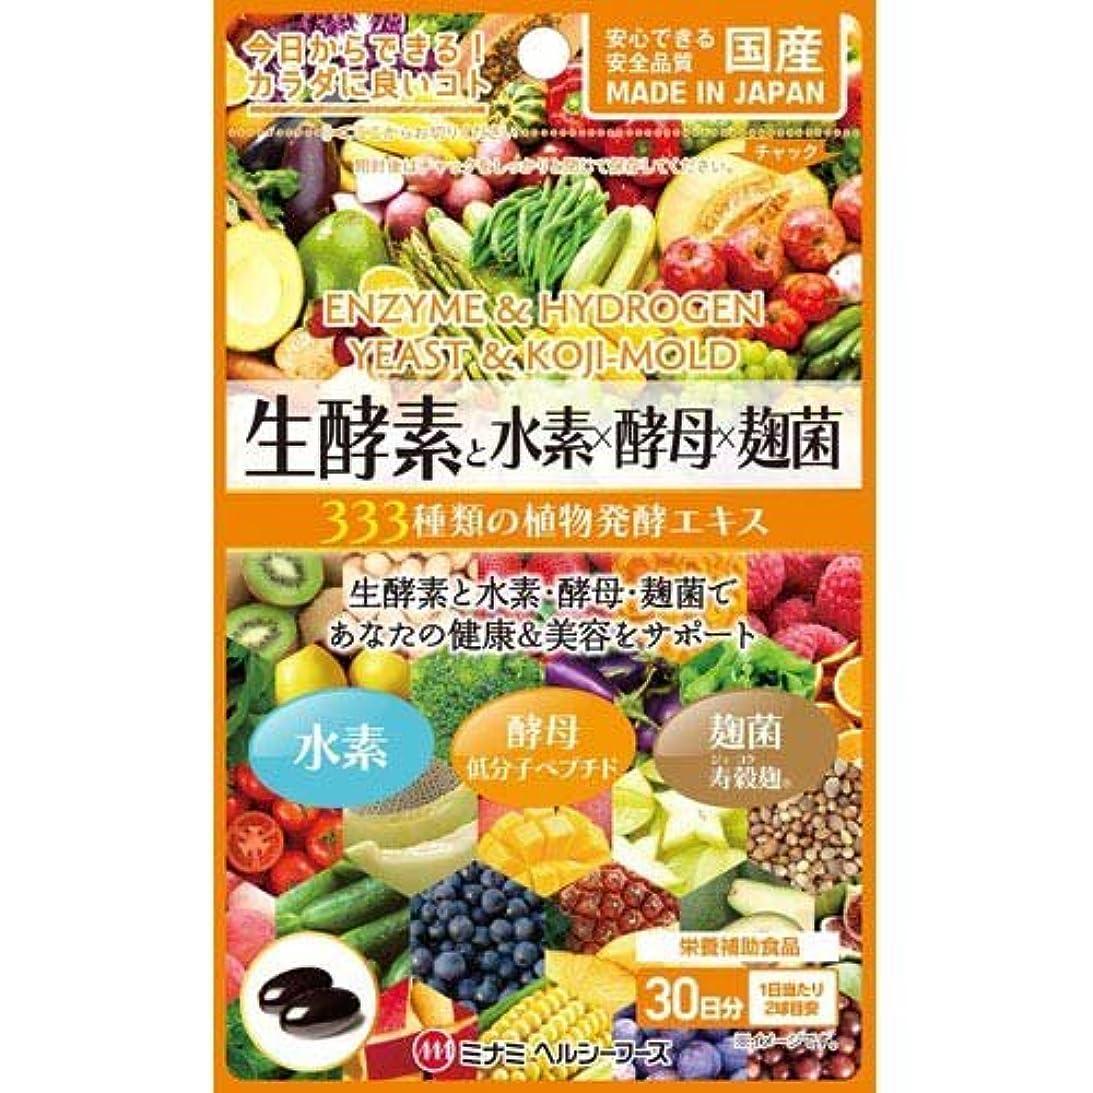 削減重要エチケットミナミヘルシーフーズ 生酵素と水素×酵母×麹菌 60球